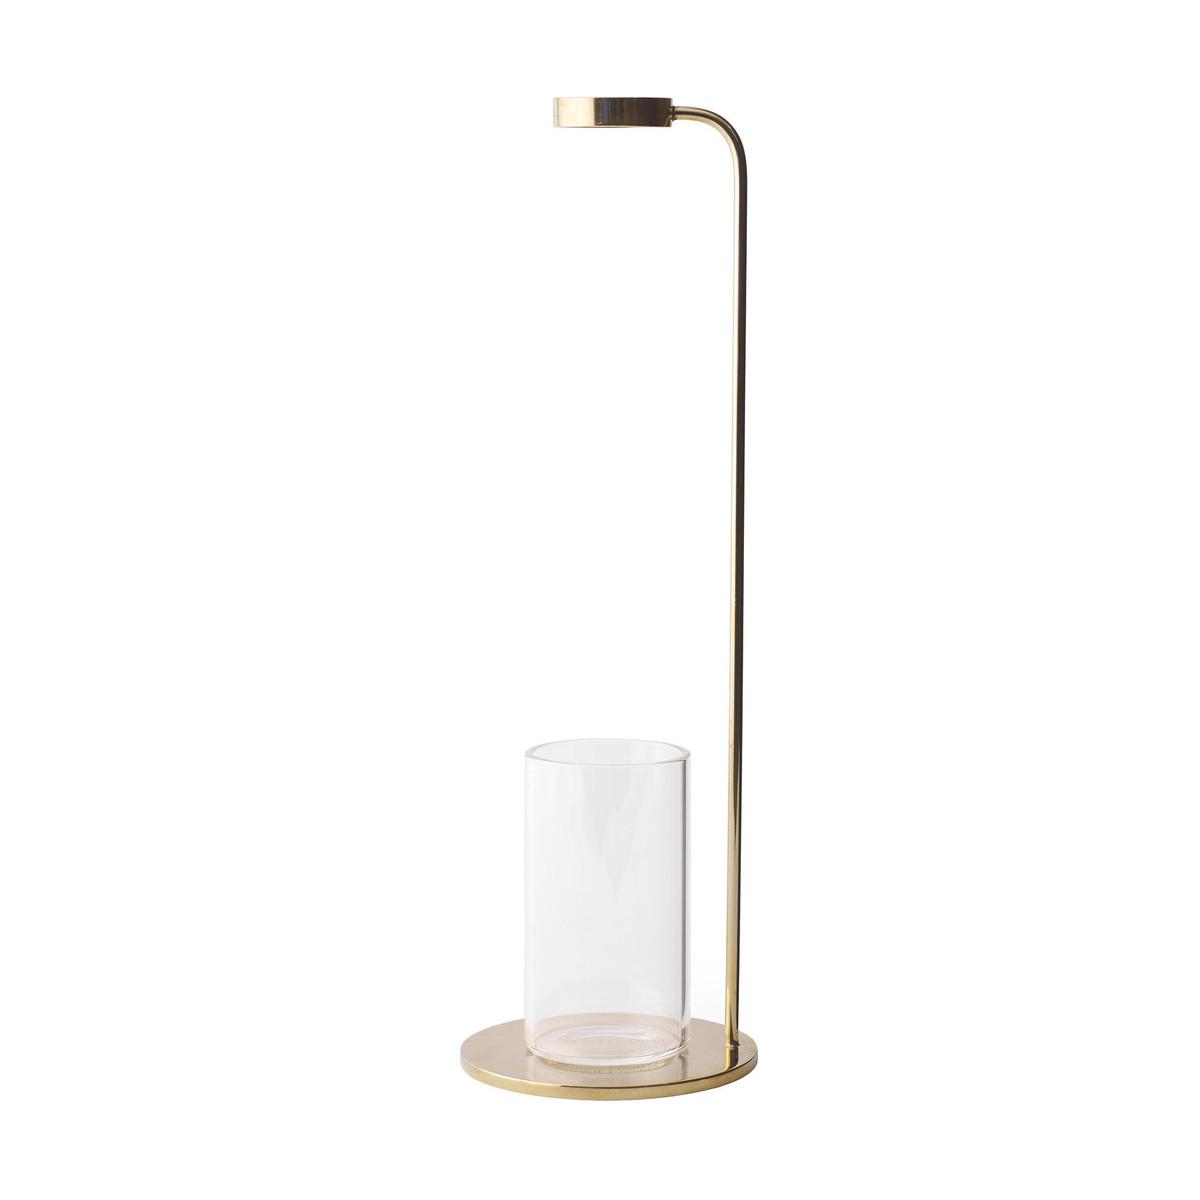 Stem vase menu vasen blument pfe dekoration for Dekoration accessoires